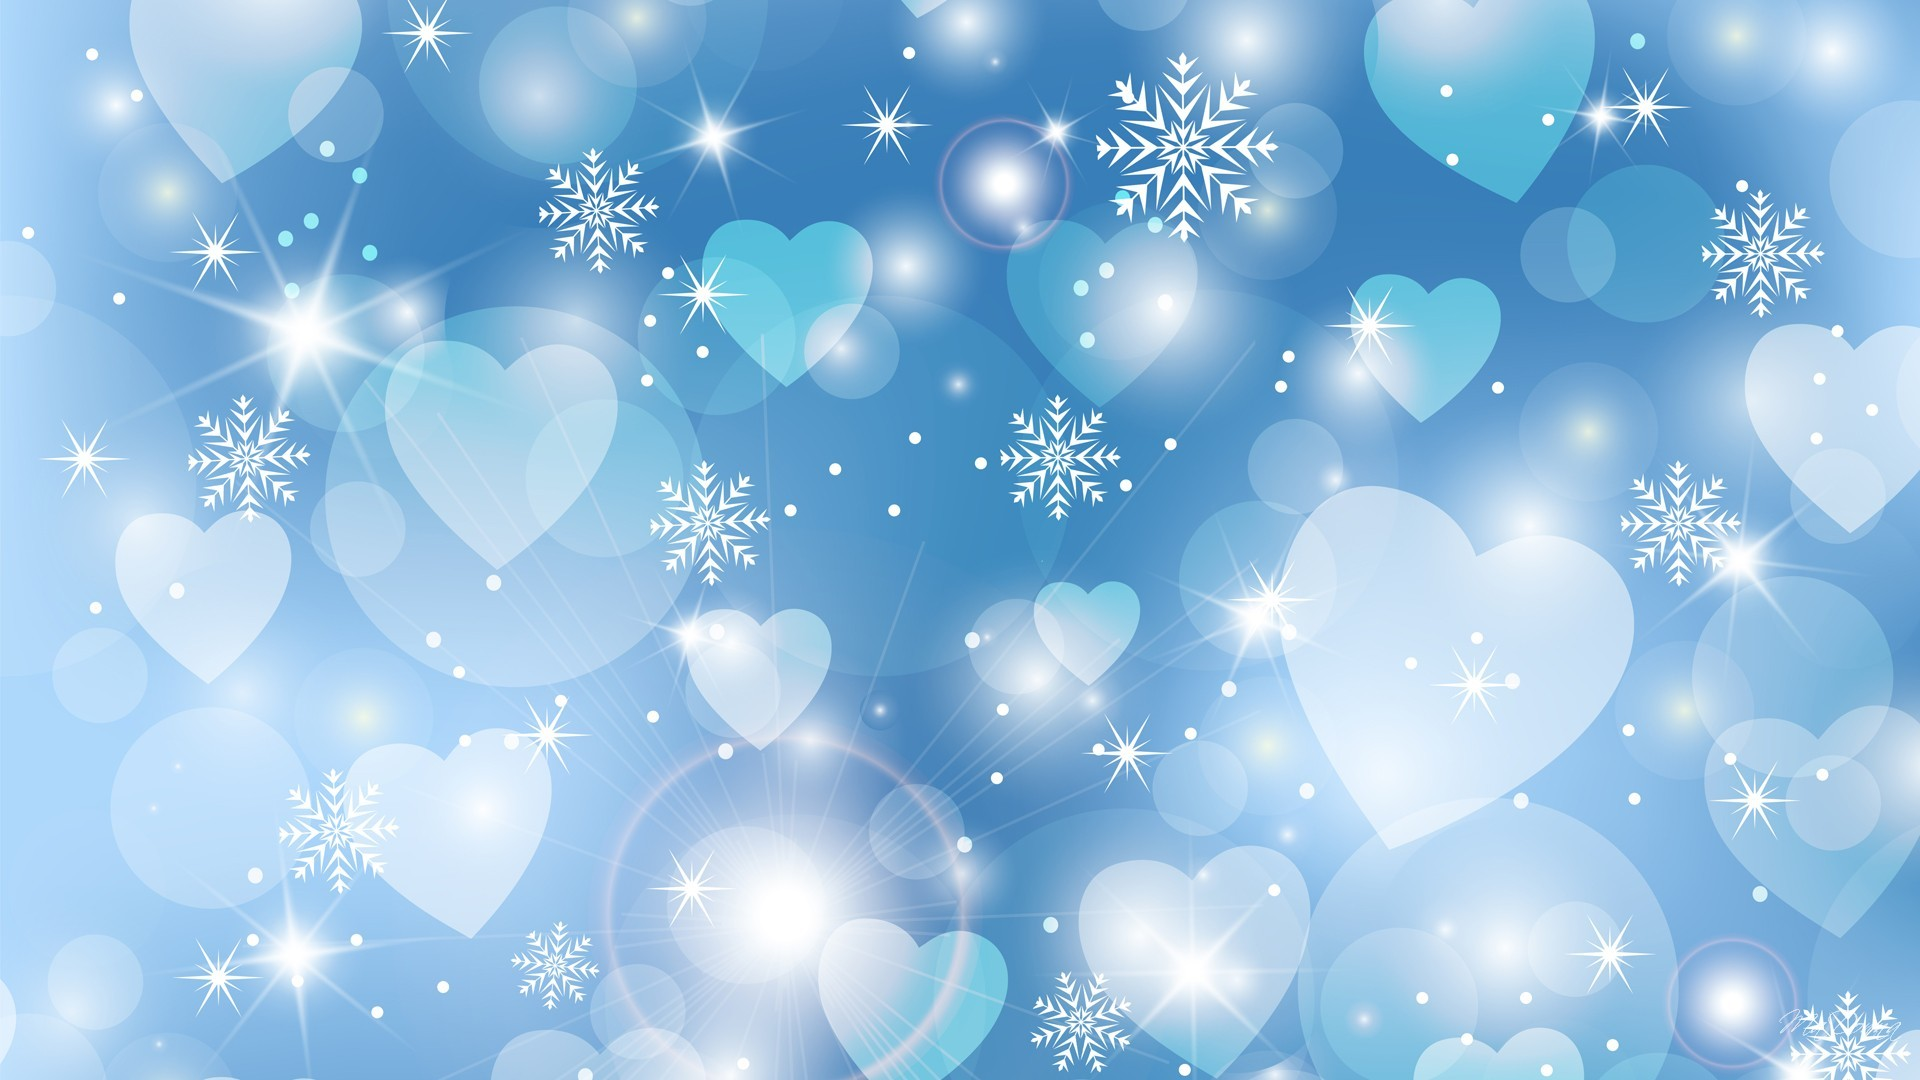 blue heart wallpaper 183��